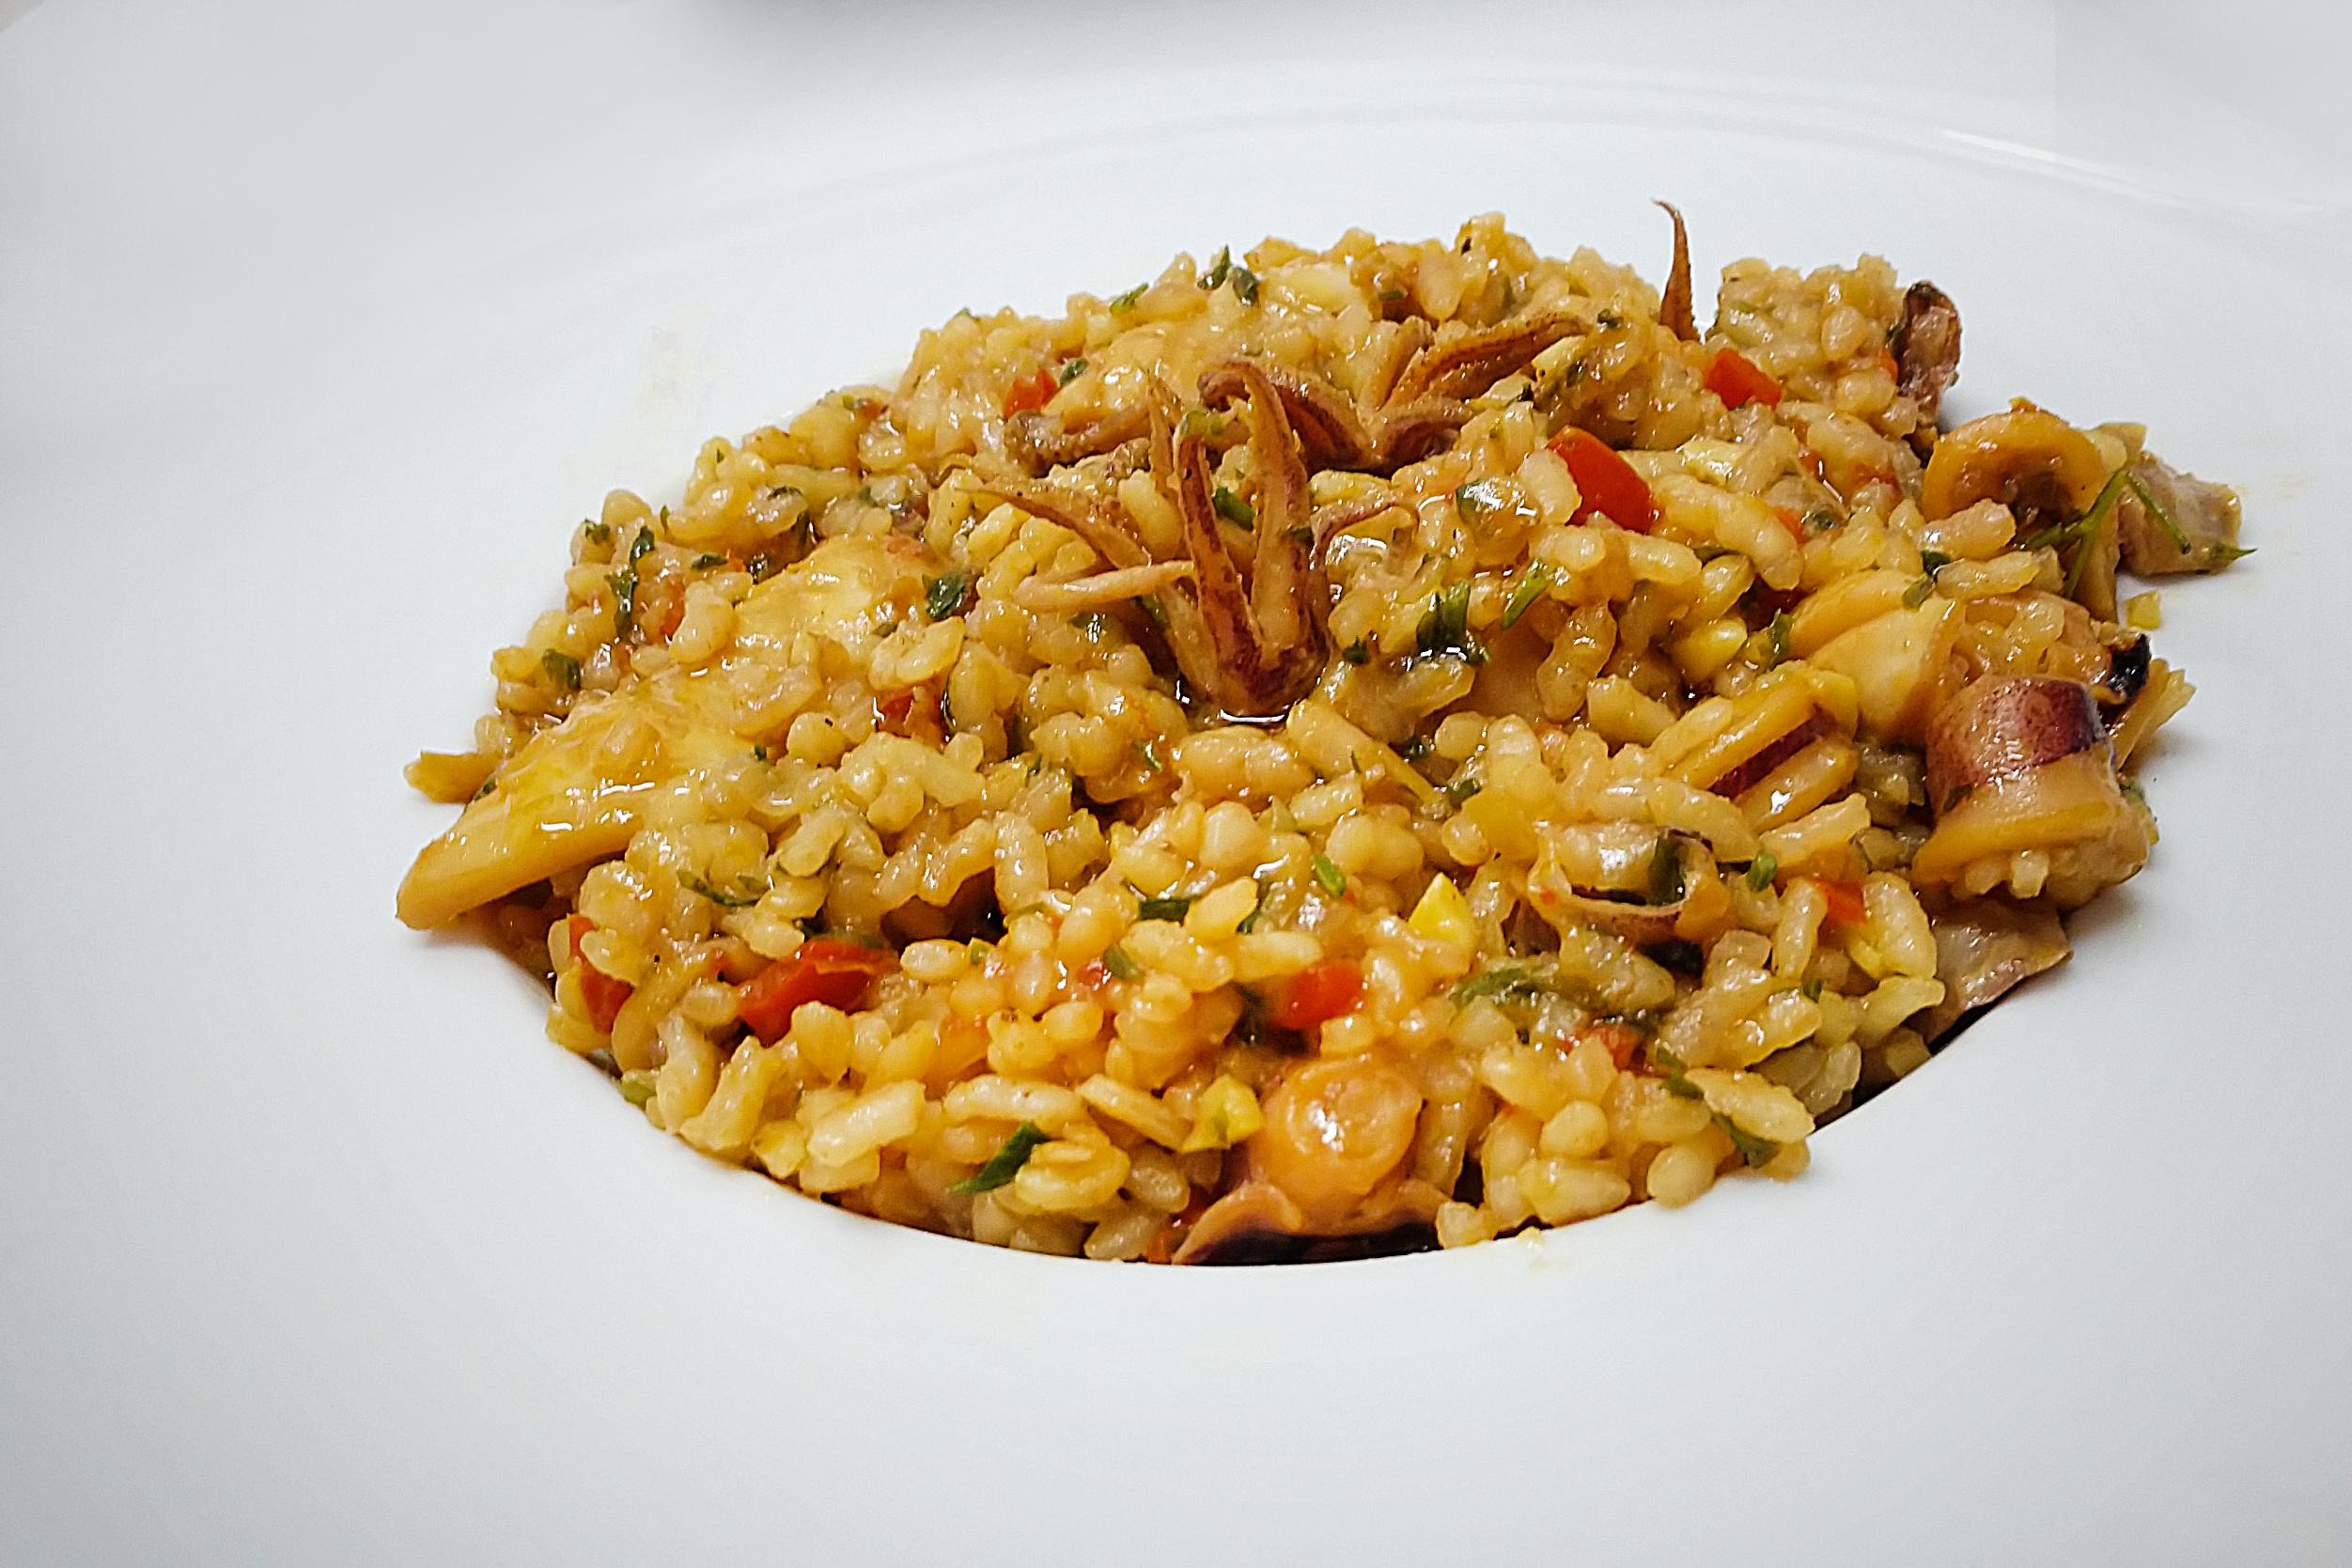 Lulas à Marselhesa: combinação perfeita do arroz com os moluscos, em molho perfumado.